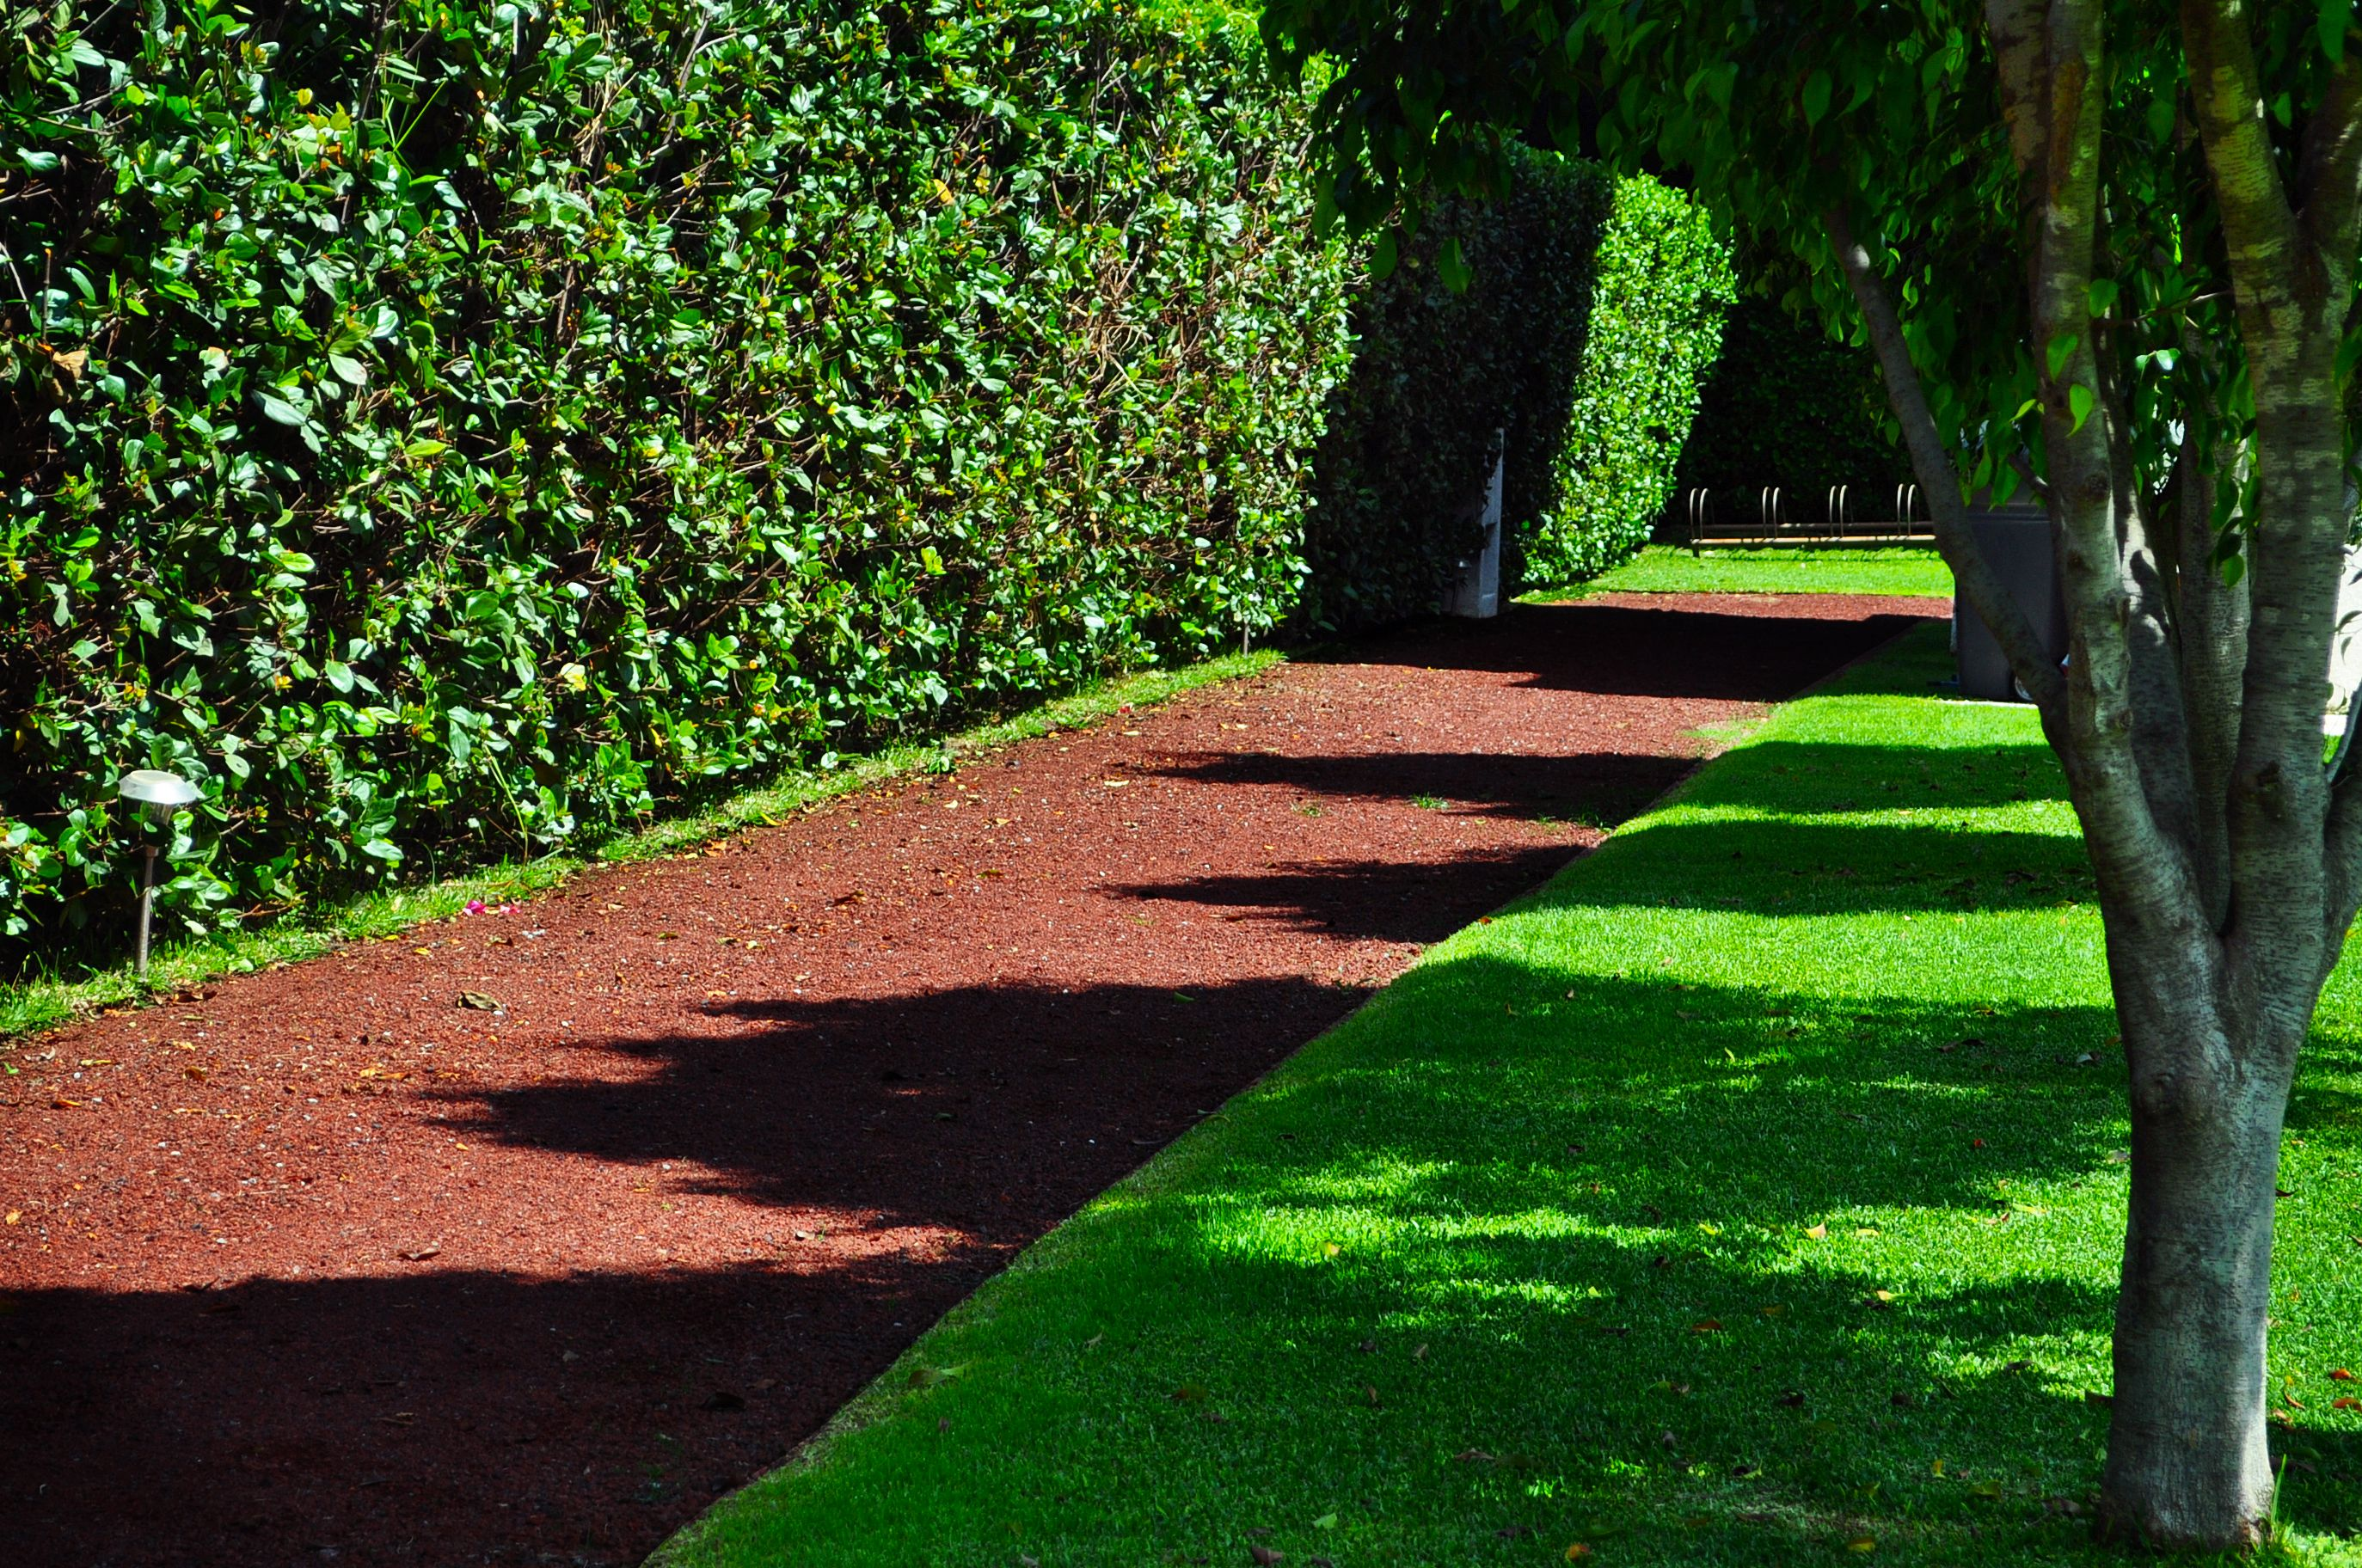 Tezontle camino para jardines le da color al espacio for Camino de piedra jardin